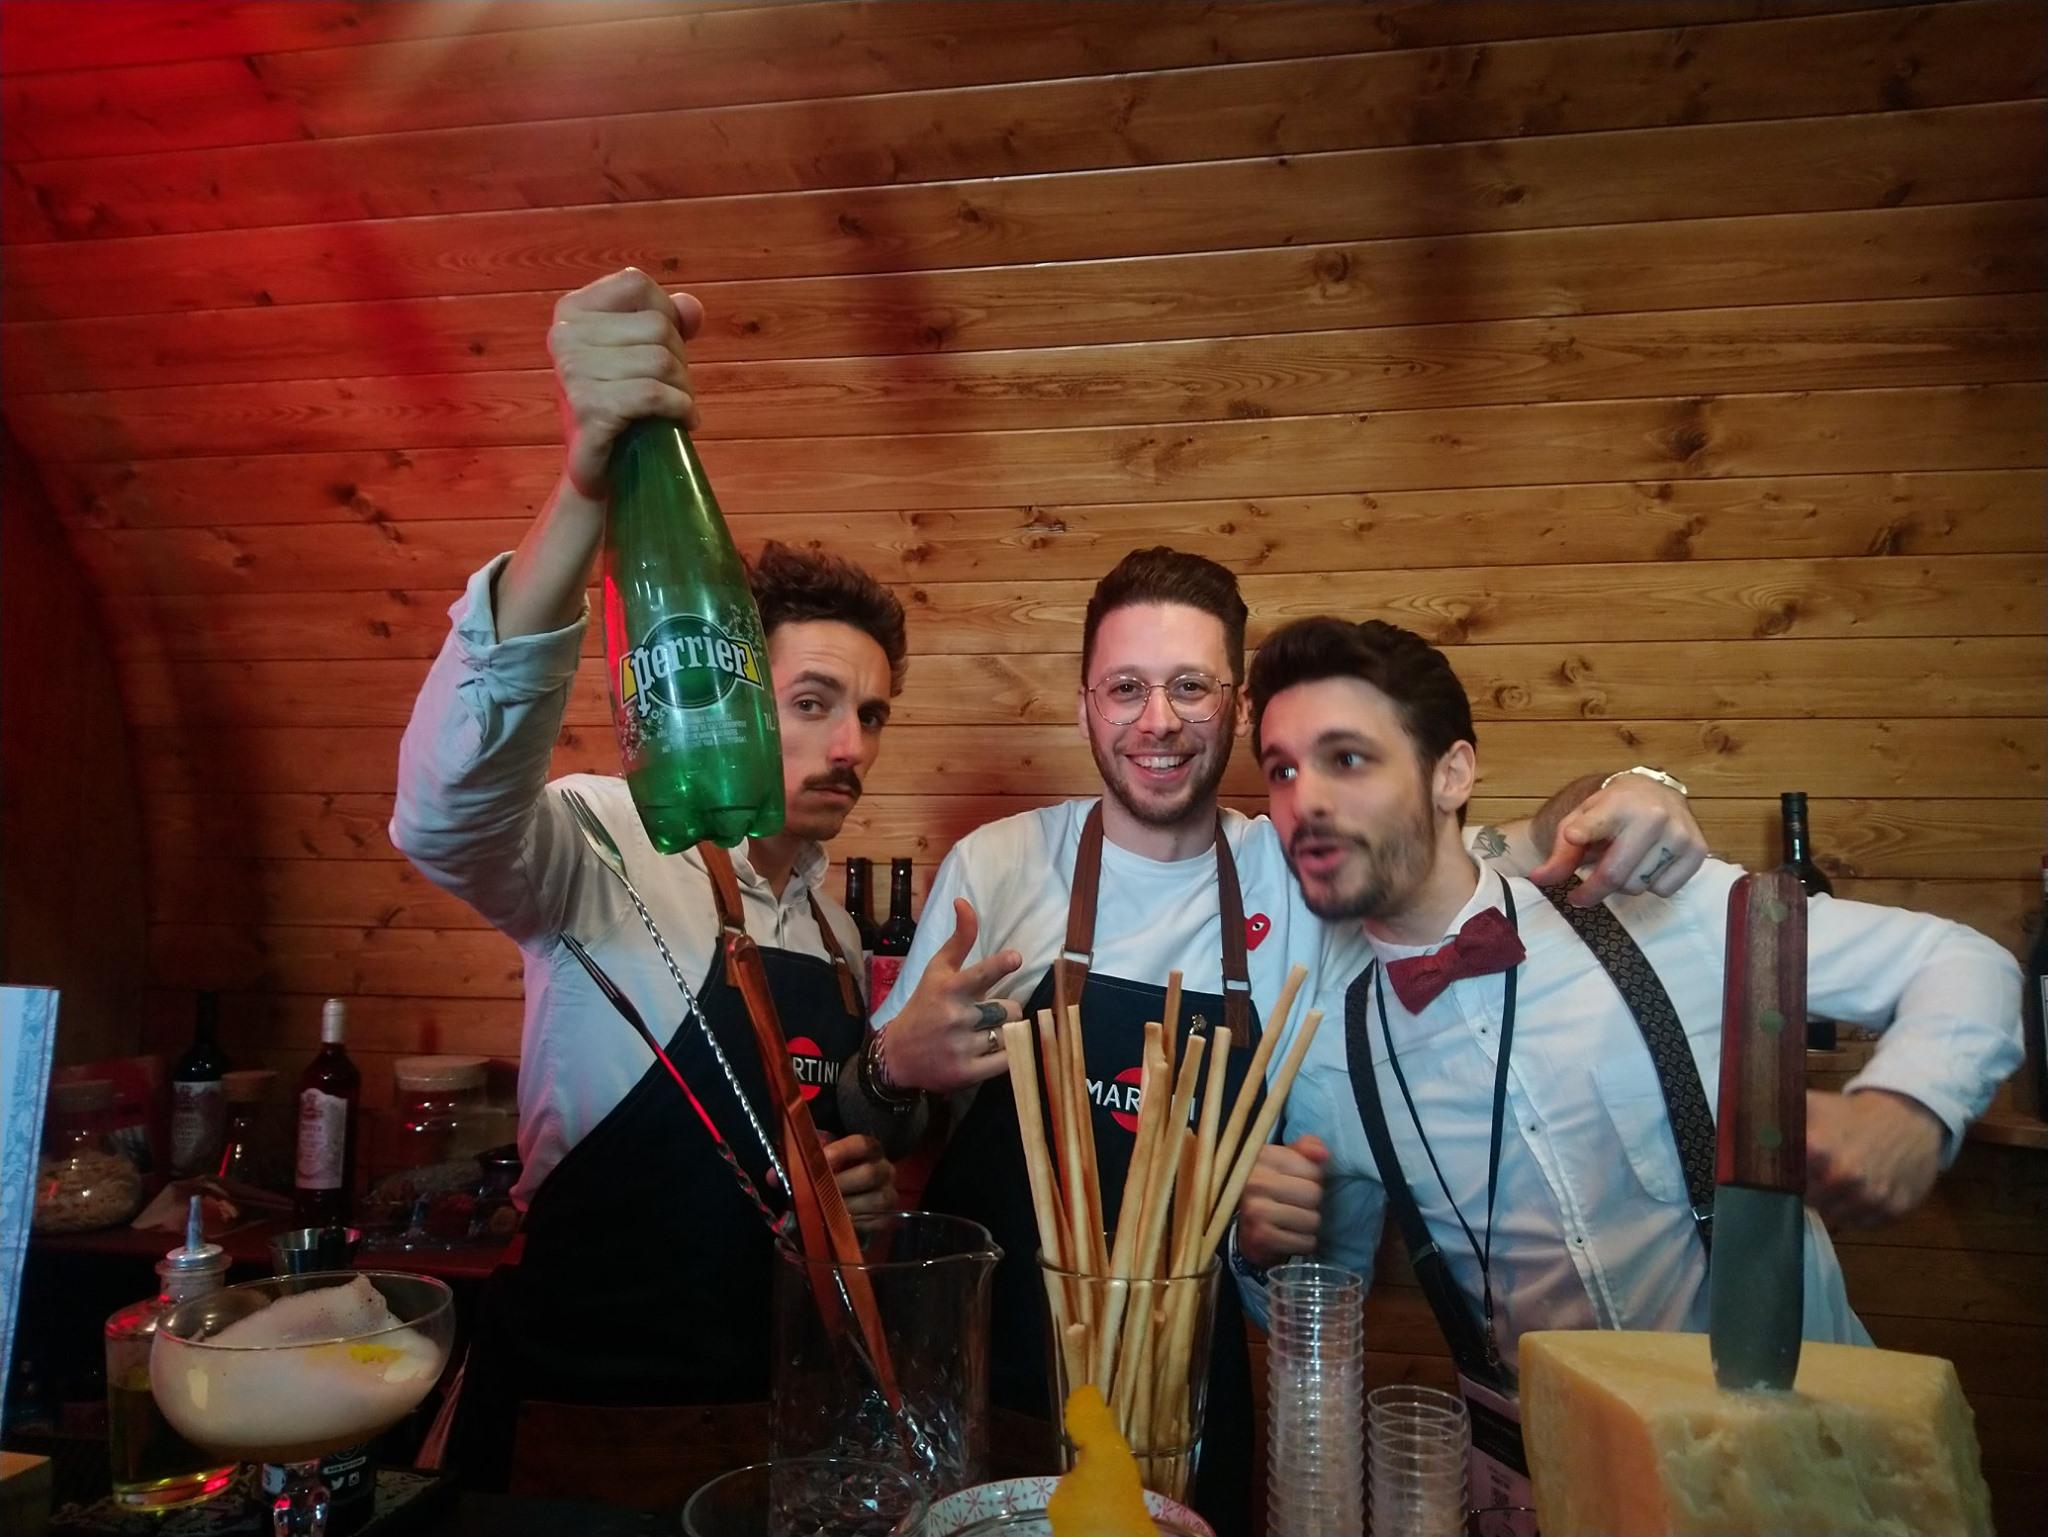 Cédric Moreau, Nicolas Goradesky et Antimo Andolfi- Martini - Cocktails Spirits 2019